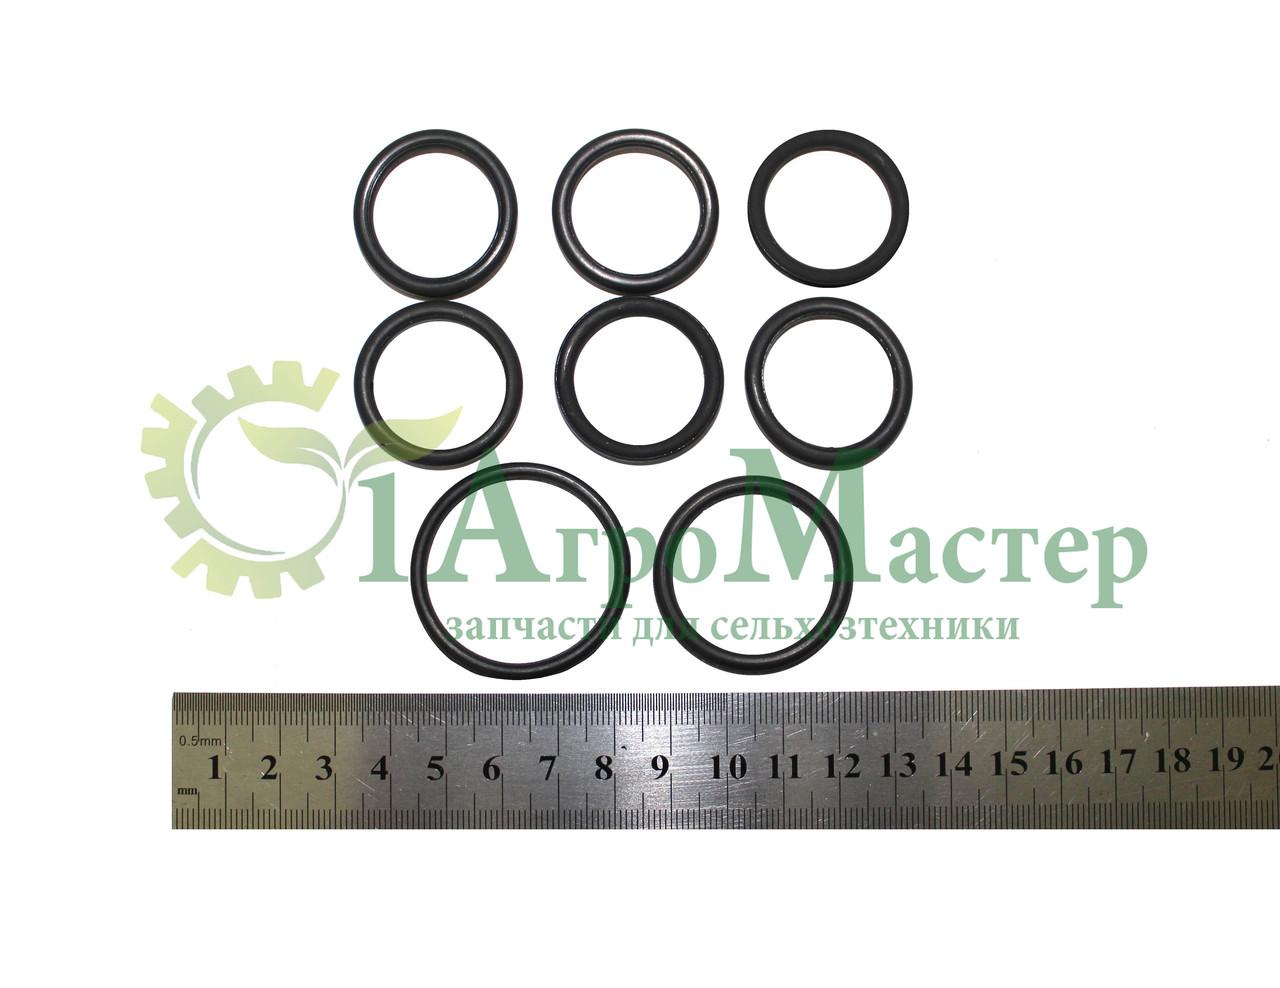 Ремкомплект кольца гидроприводов